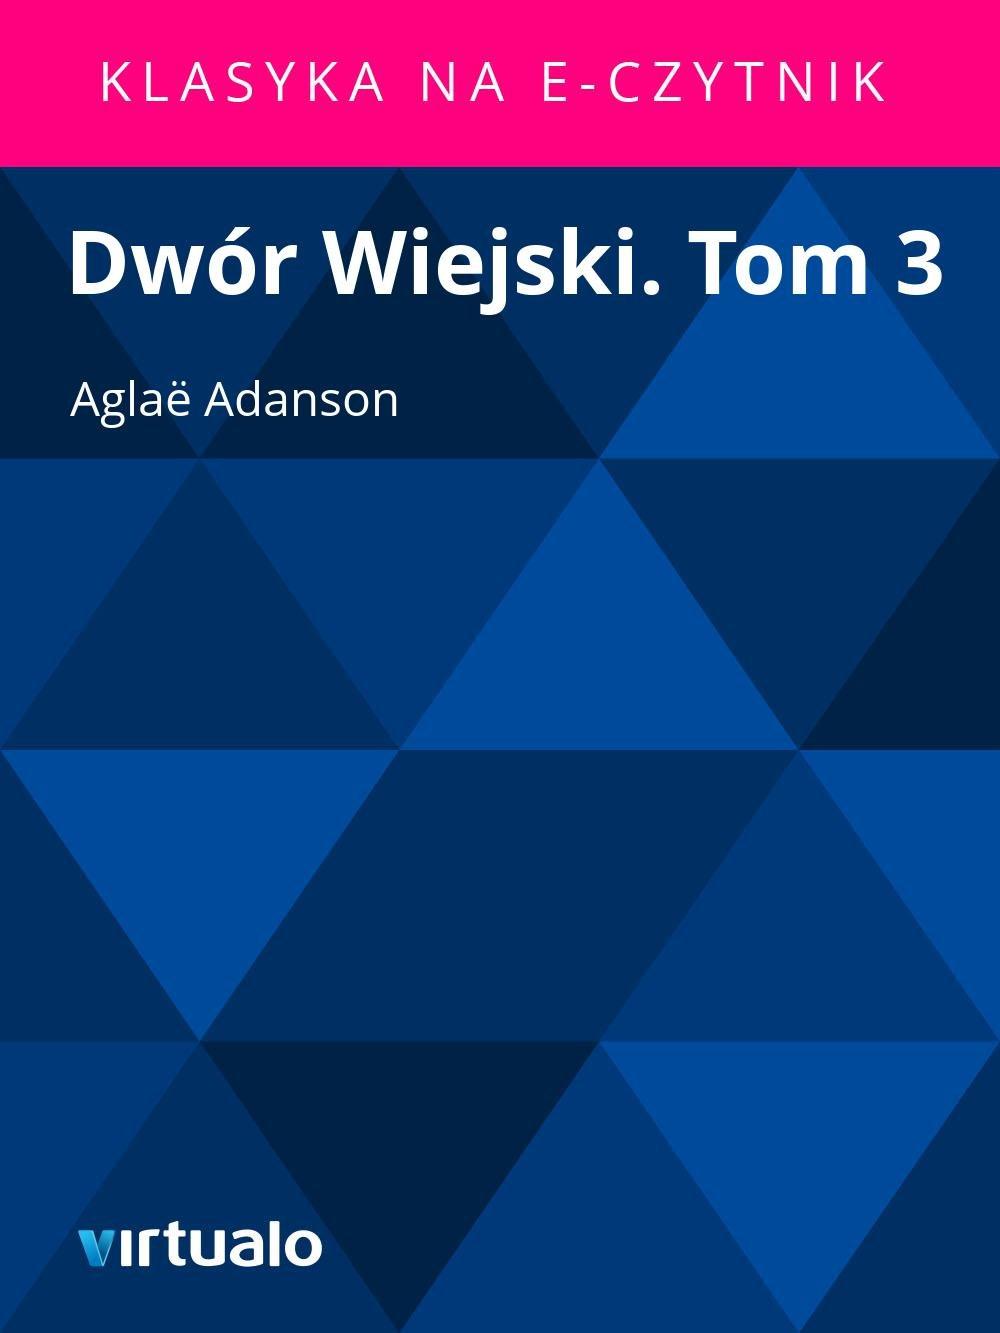 Dwór Wiejski. Tom 3 - Ebook (Książka EPUB) do pobrania w formacie EPUB